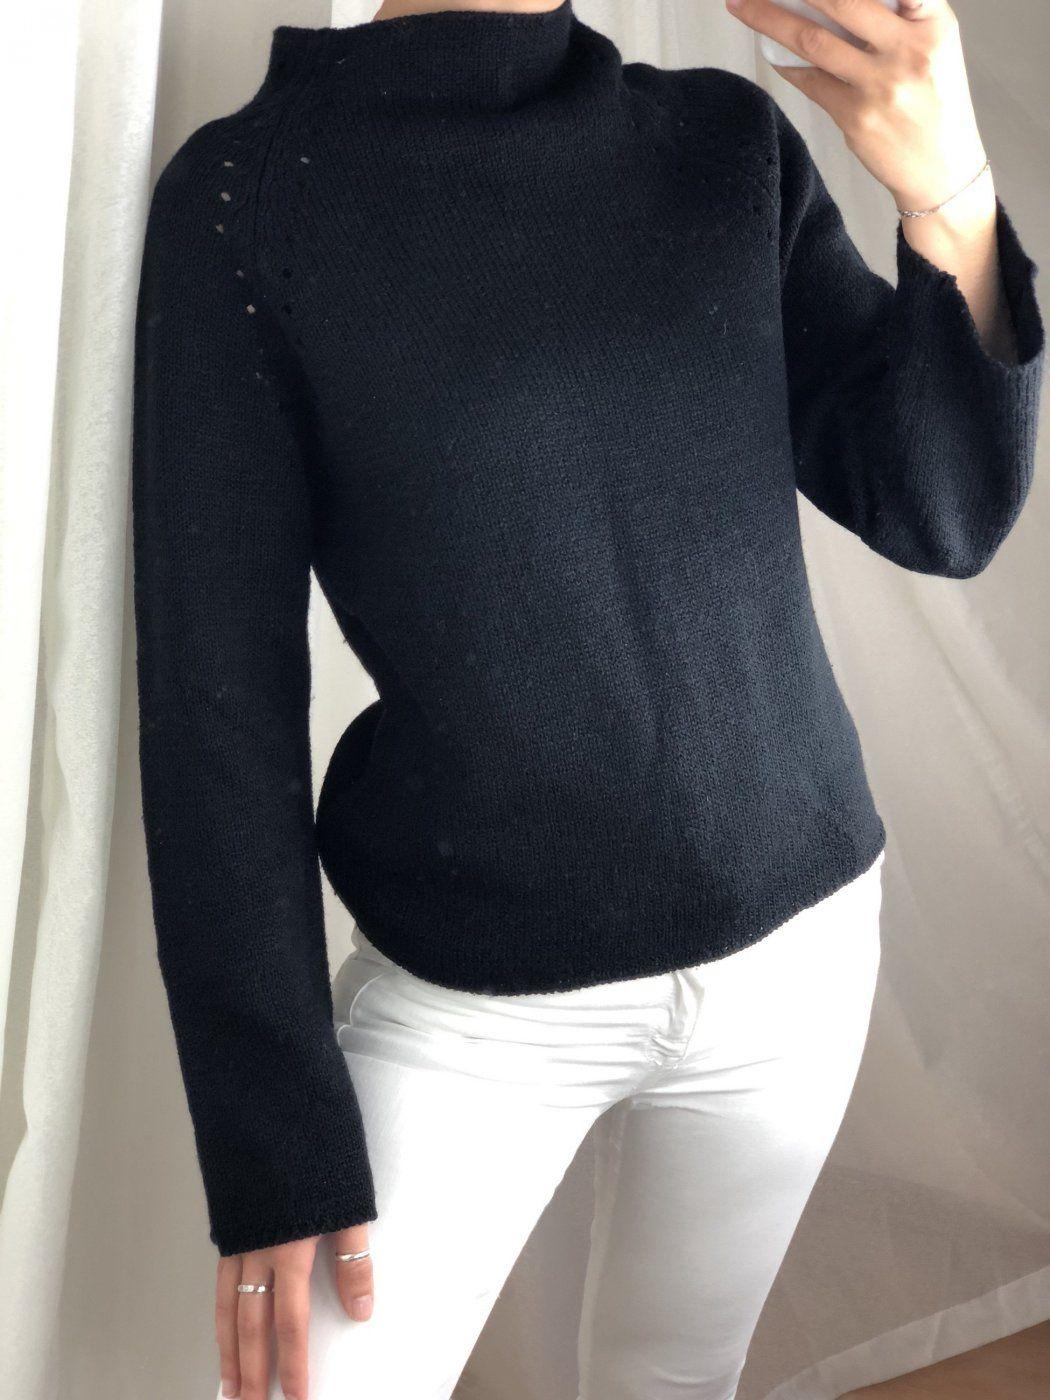 Schwarz Pullover   Mädchenflohmarkt